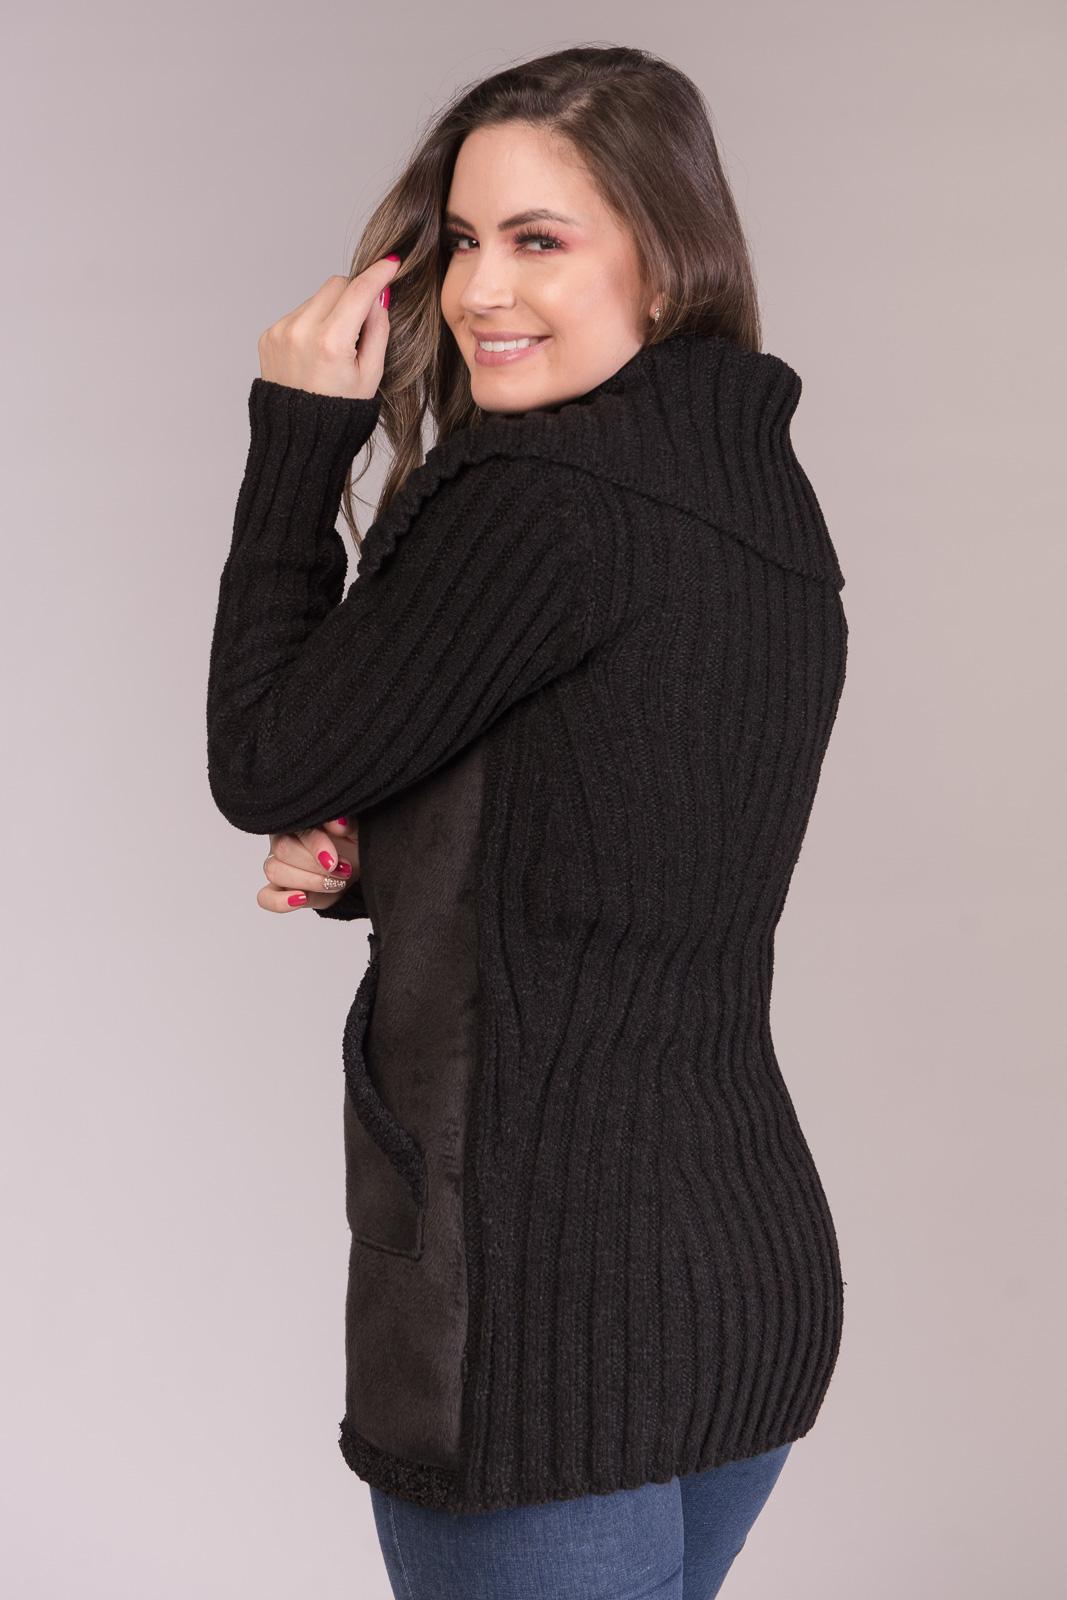 Jaqueta com Frente em Tecido Flocado e Tricô Jéssi Malhas